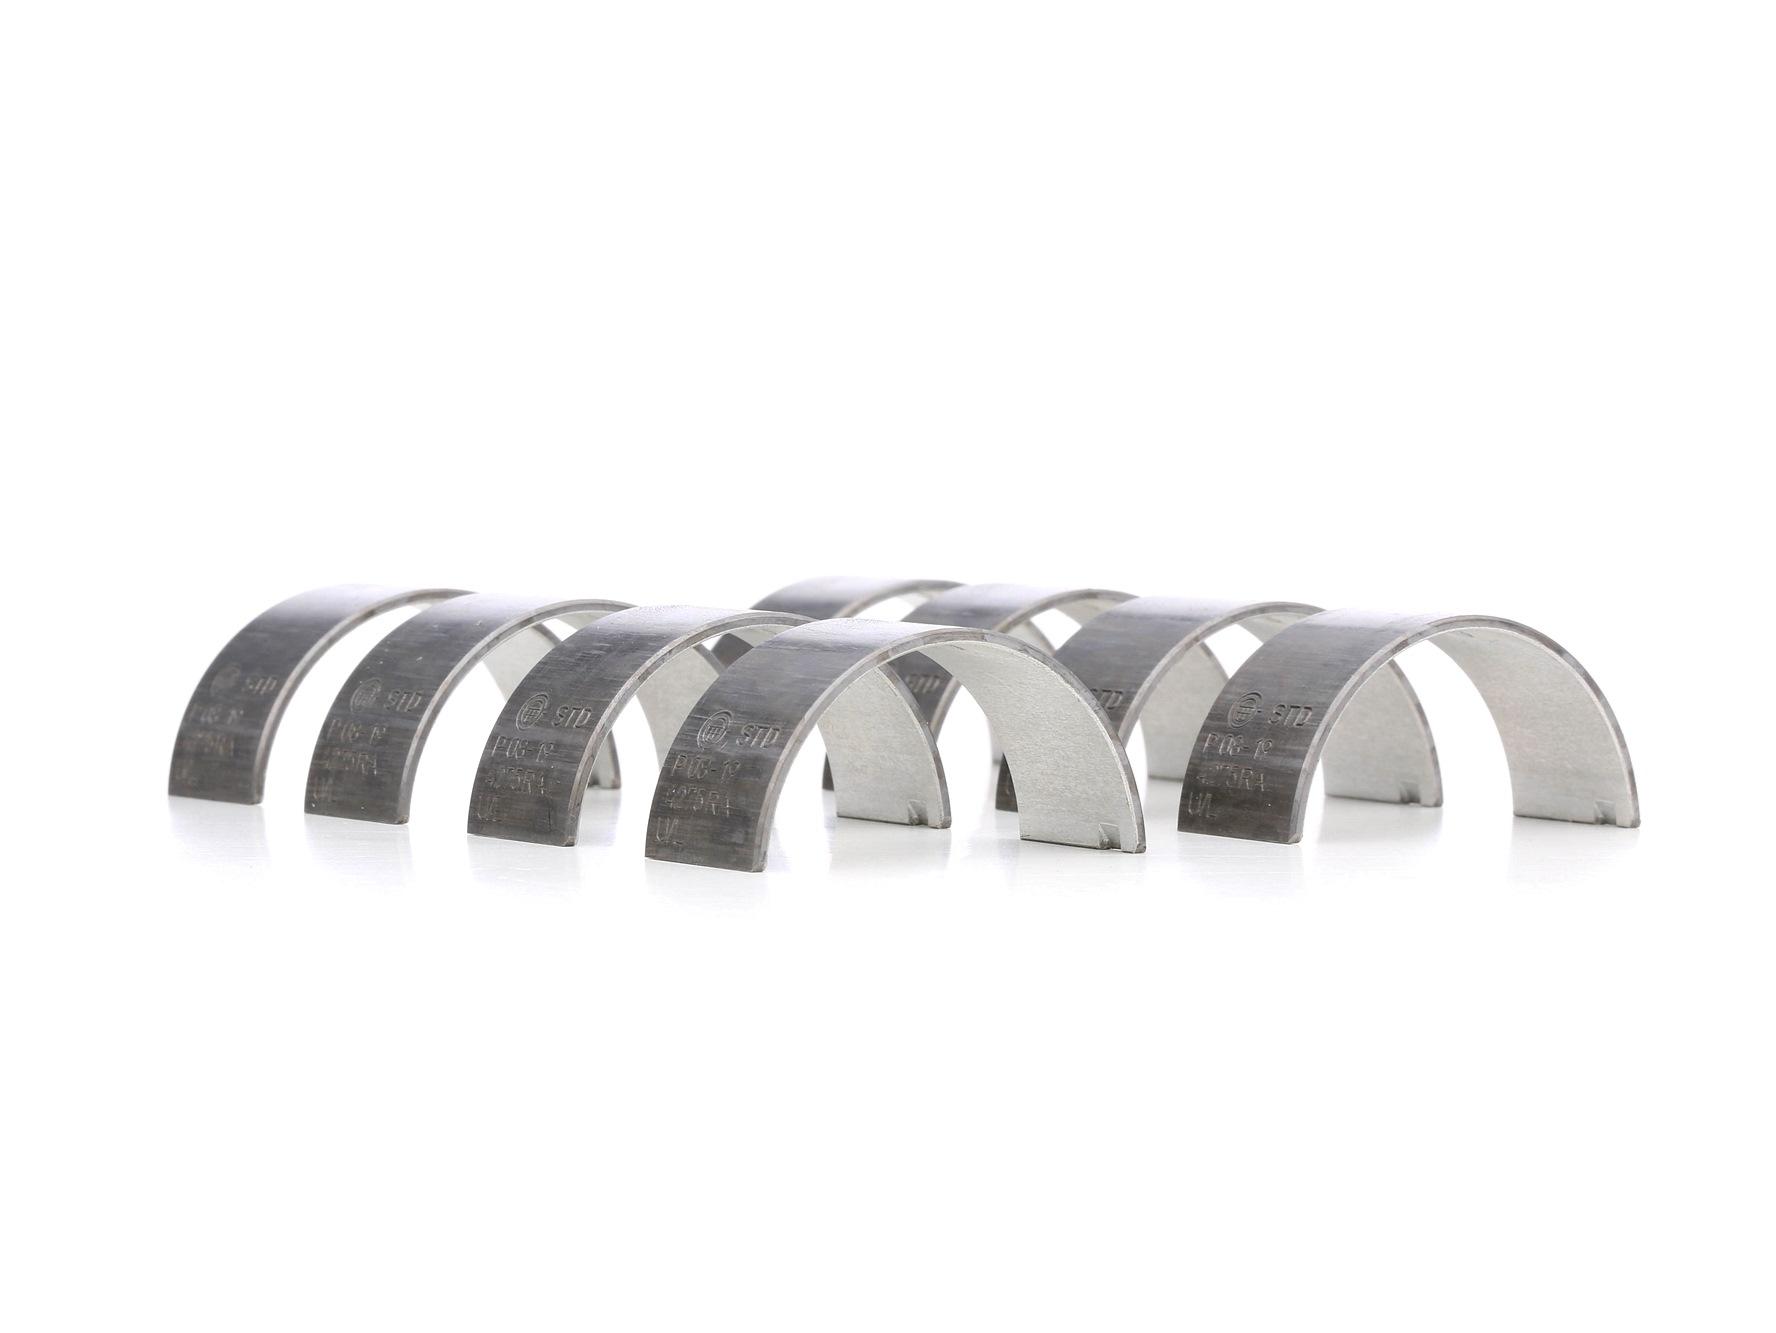 Cojinete de biela GLYCO 01-4154/4 STD evaluación